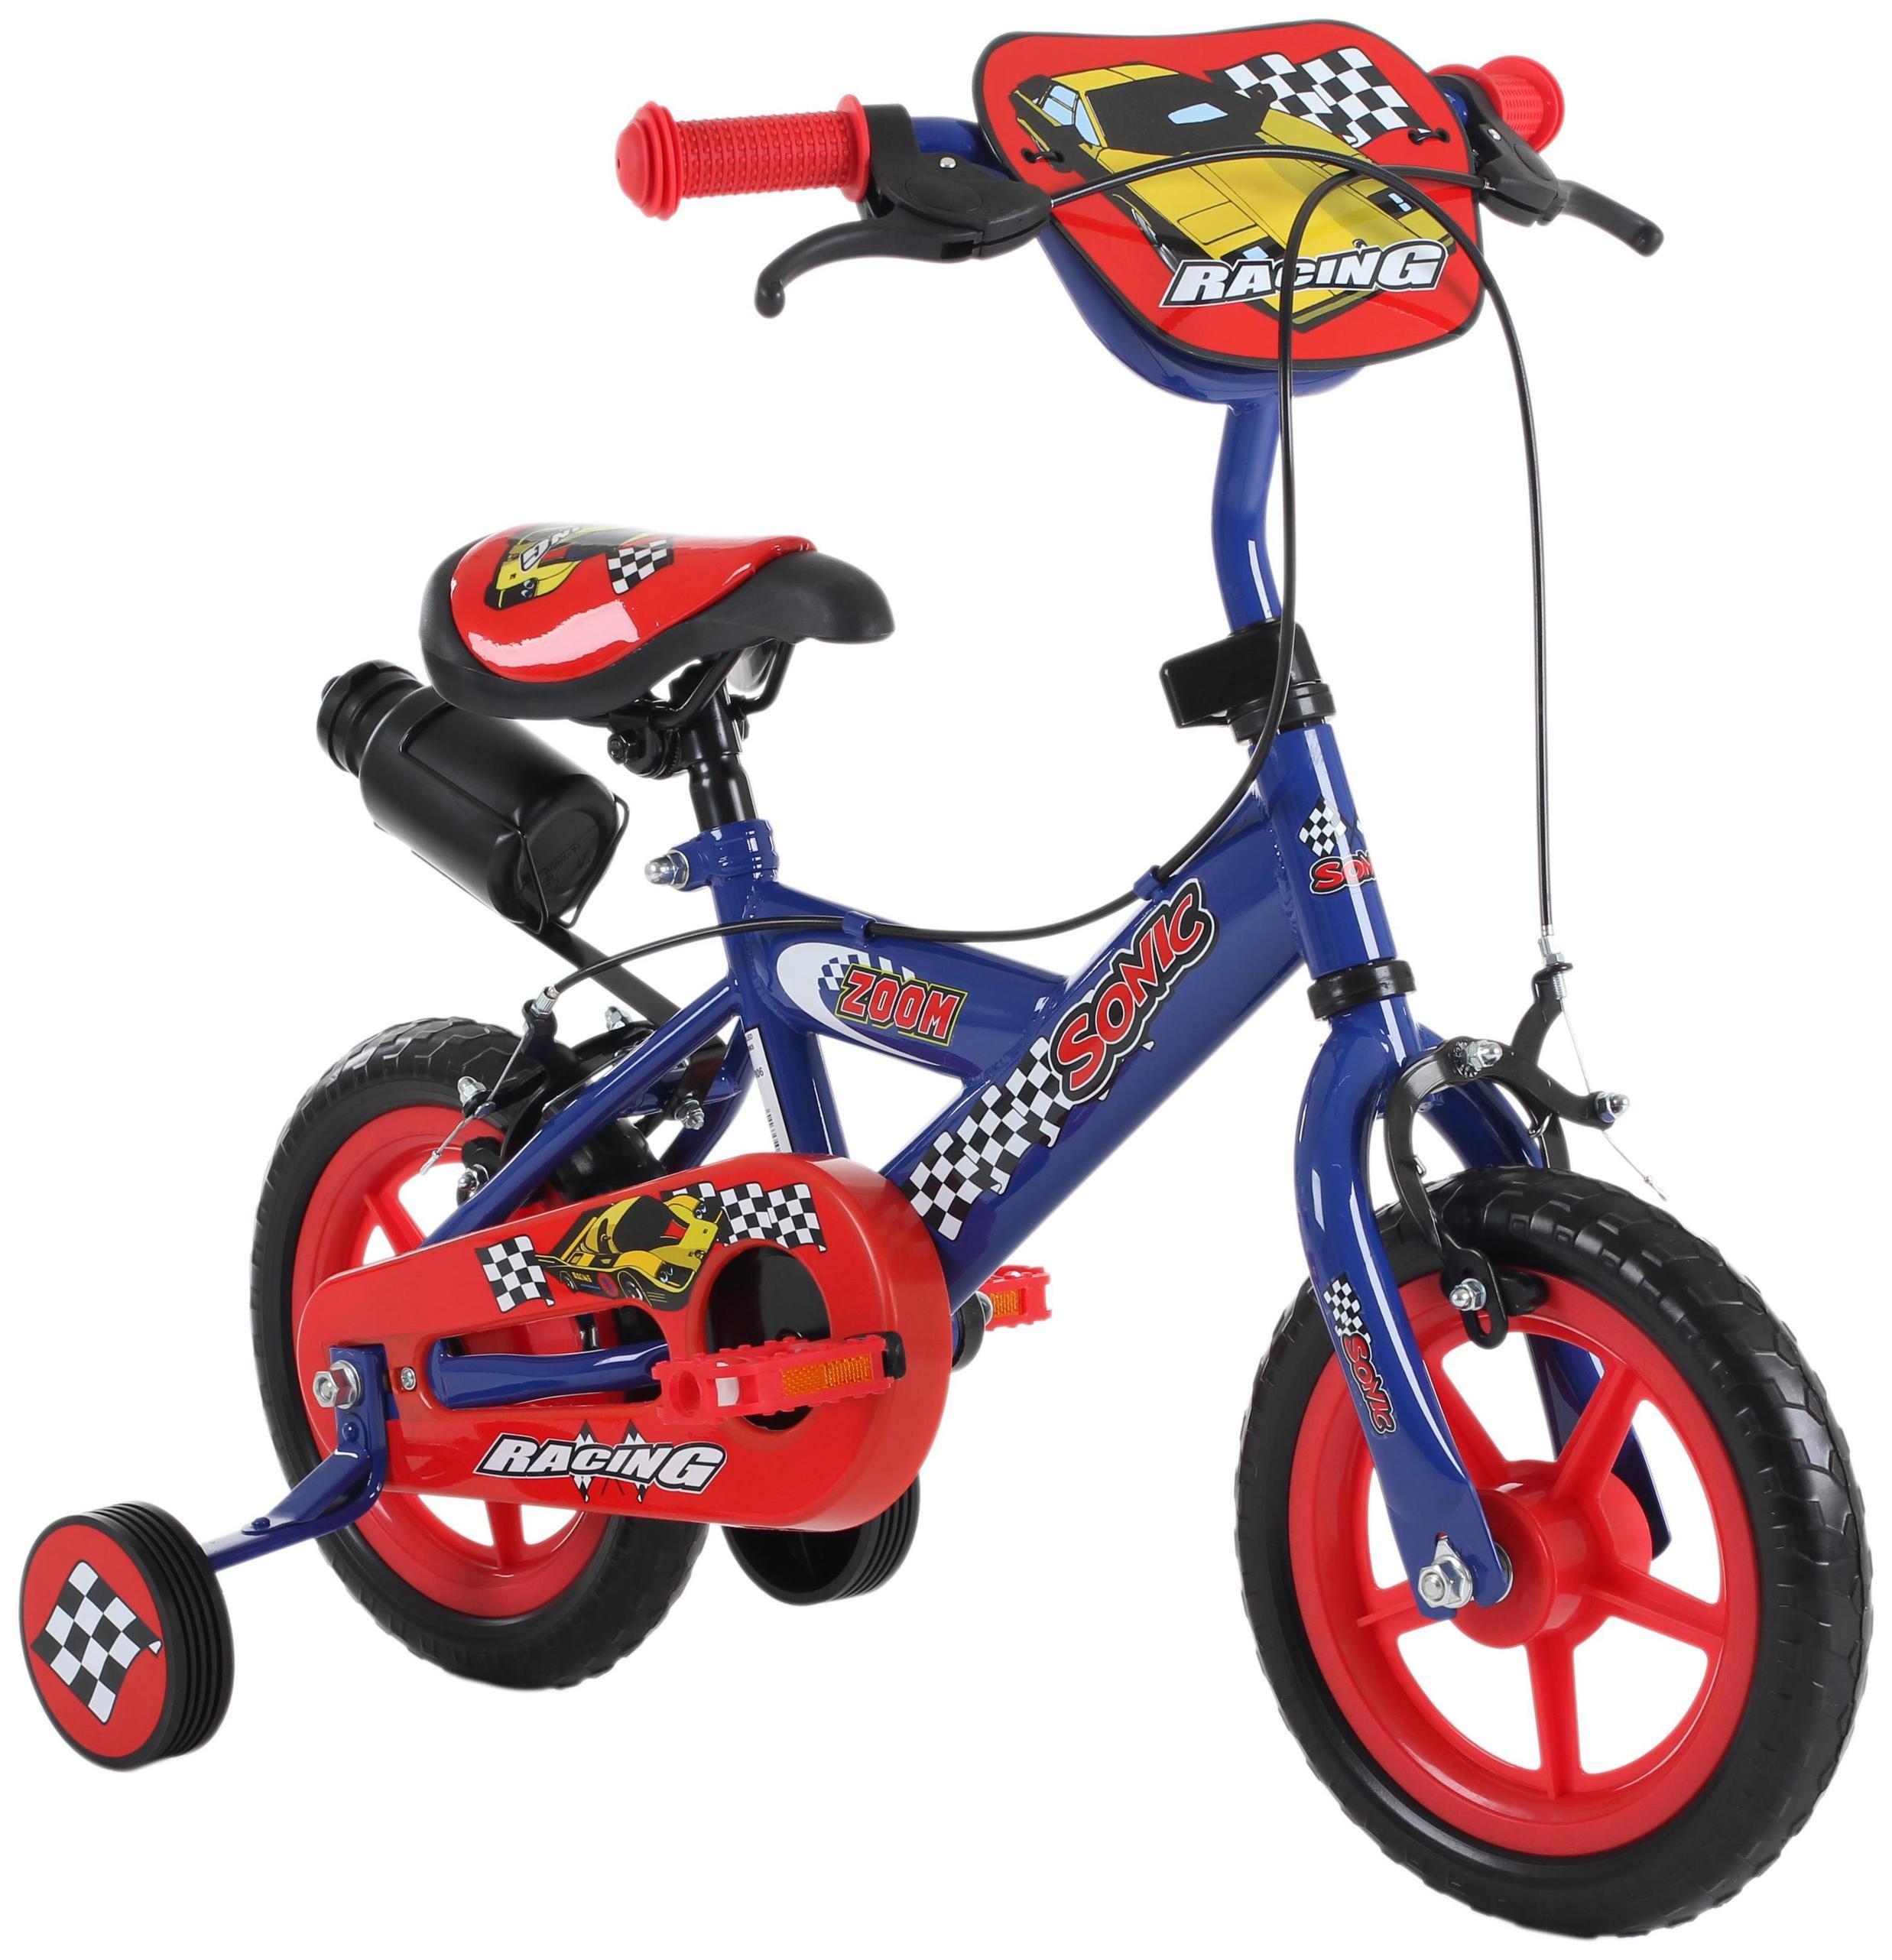 Sonic Zoom 12 inch Wheel Size Kids Bike